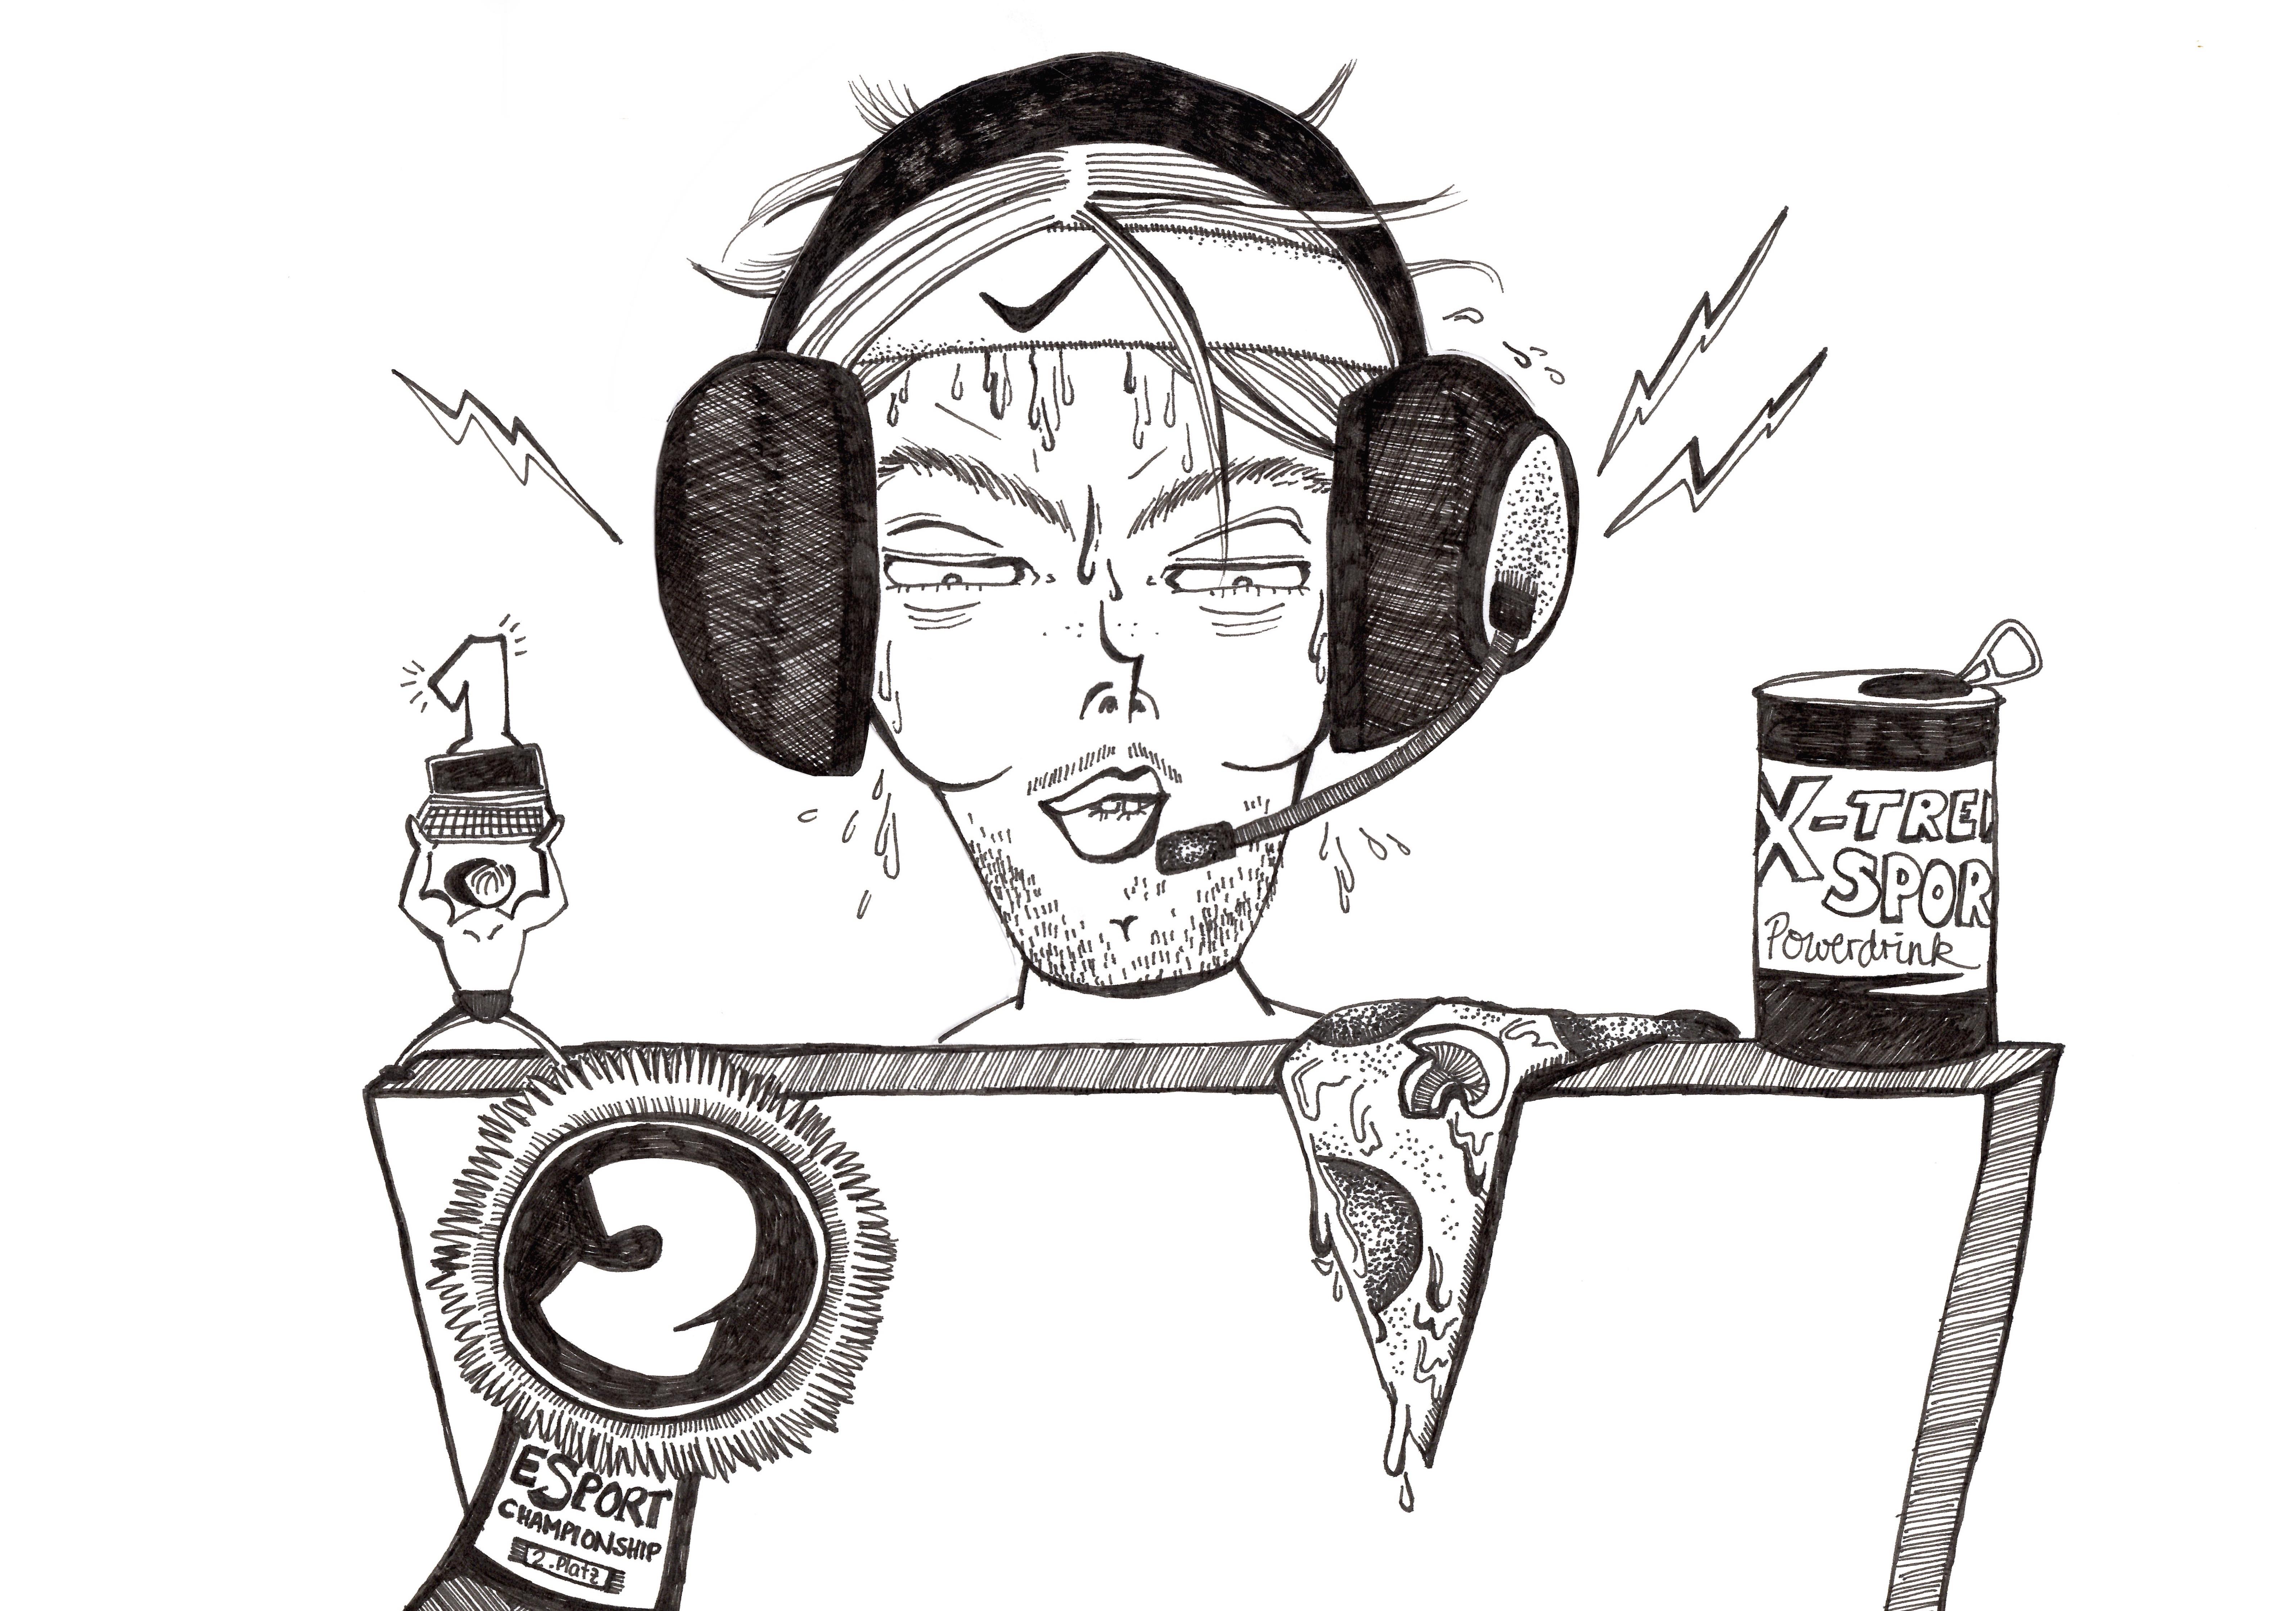 Zocken bis zum Umfallen: Geht das als Sport durch? Zeichnung: Anaïs Kaluza